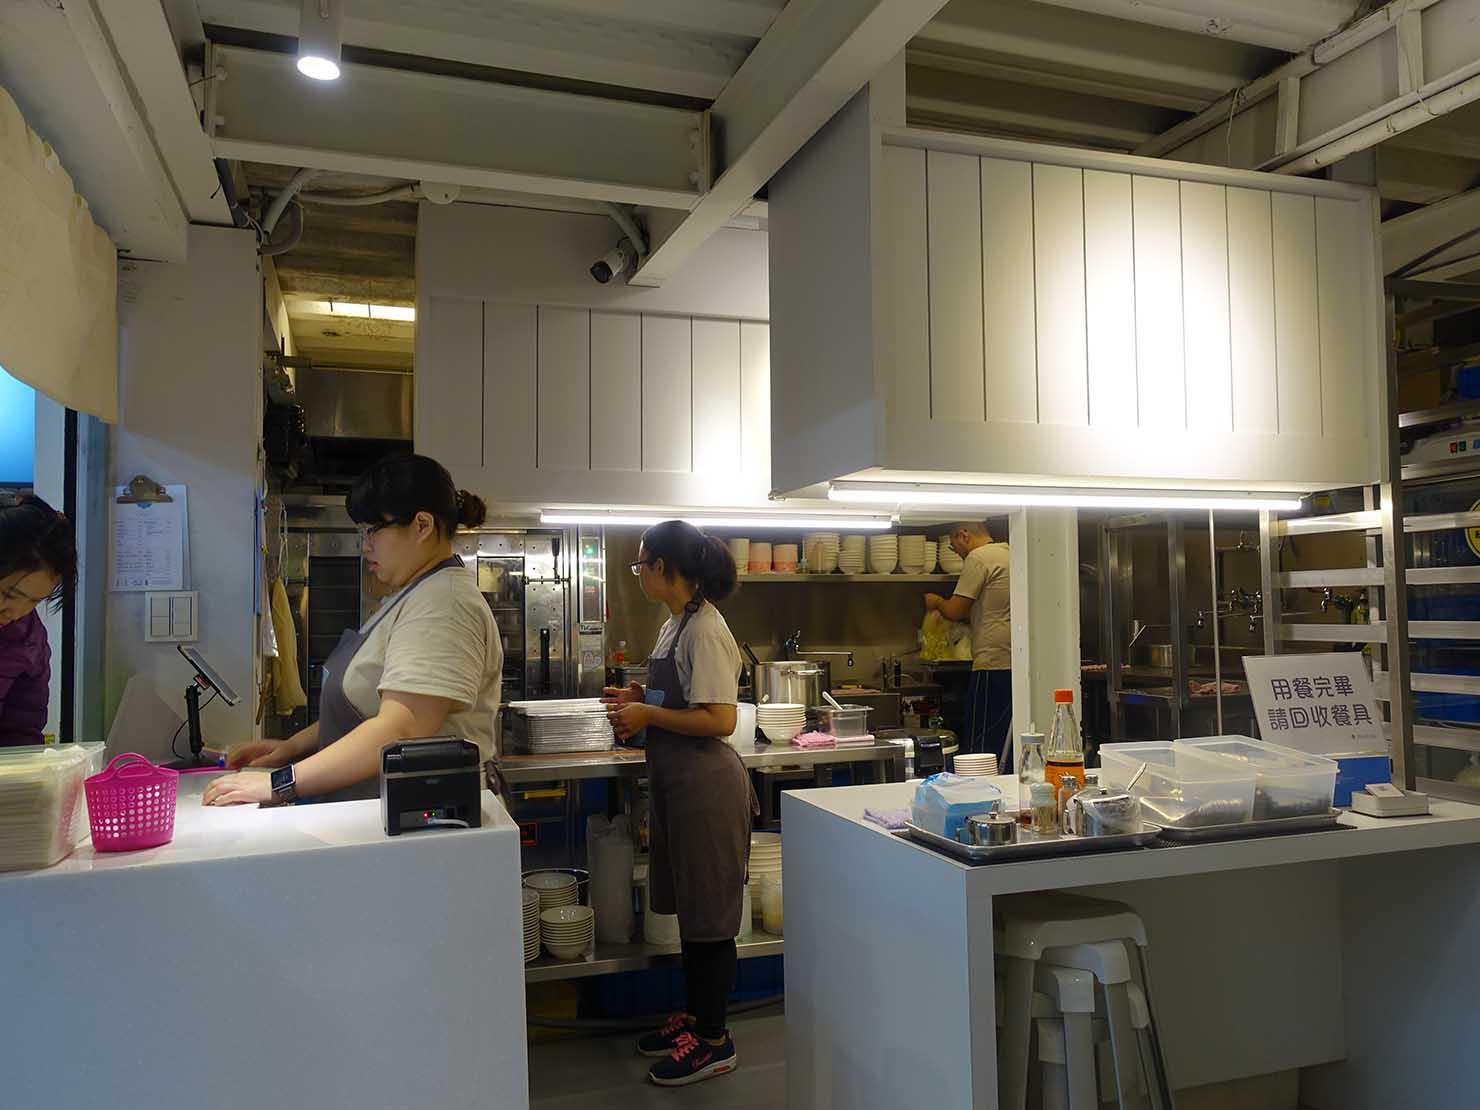 台北駅エリアのおすすめ台湾グルメ店「北北車魯肉飯」のキッチン